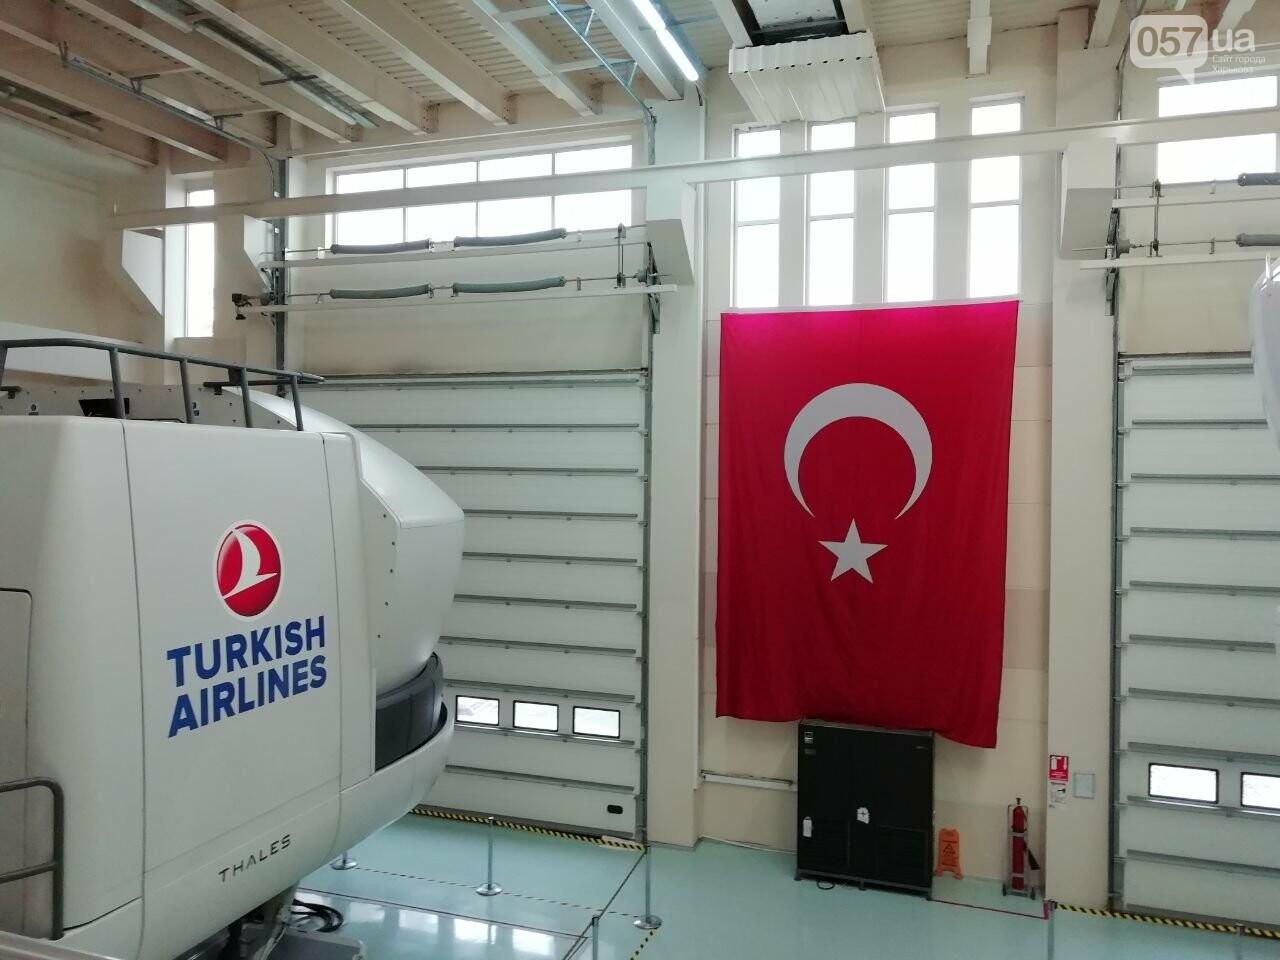 Из Харькова в Стамбул. Как добраться, что попробовать и на что посмотреть в турецком городе, - ФОТО, фото-10